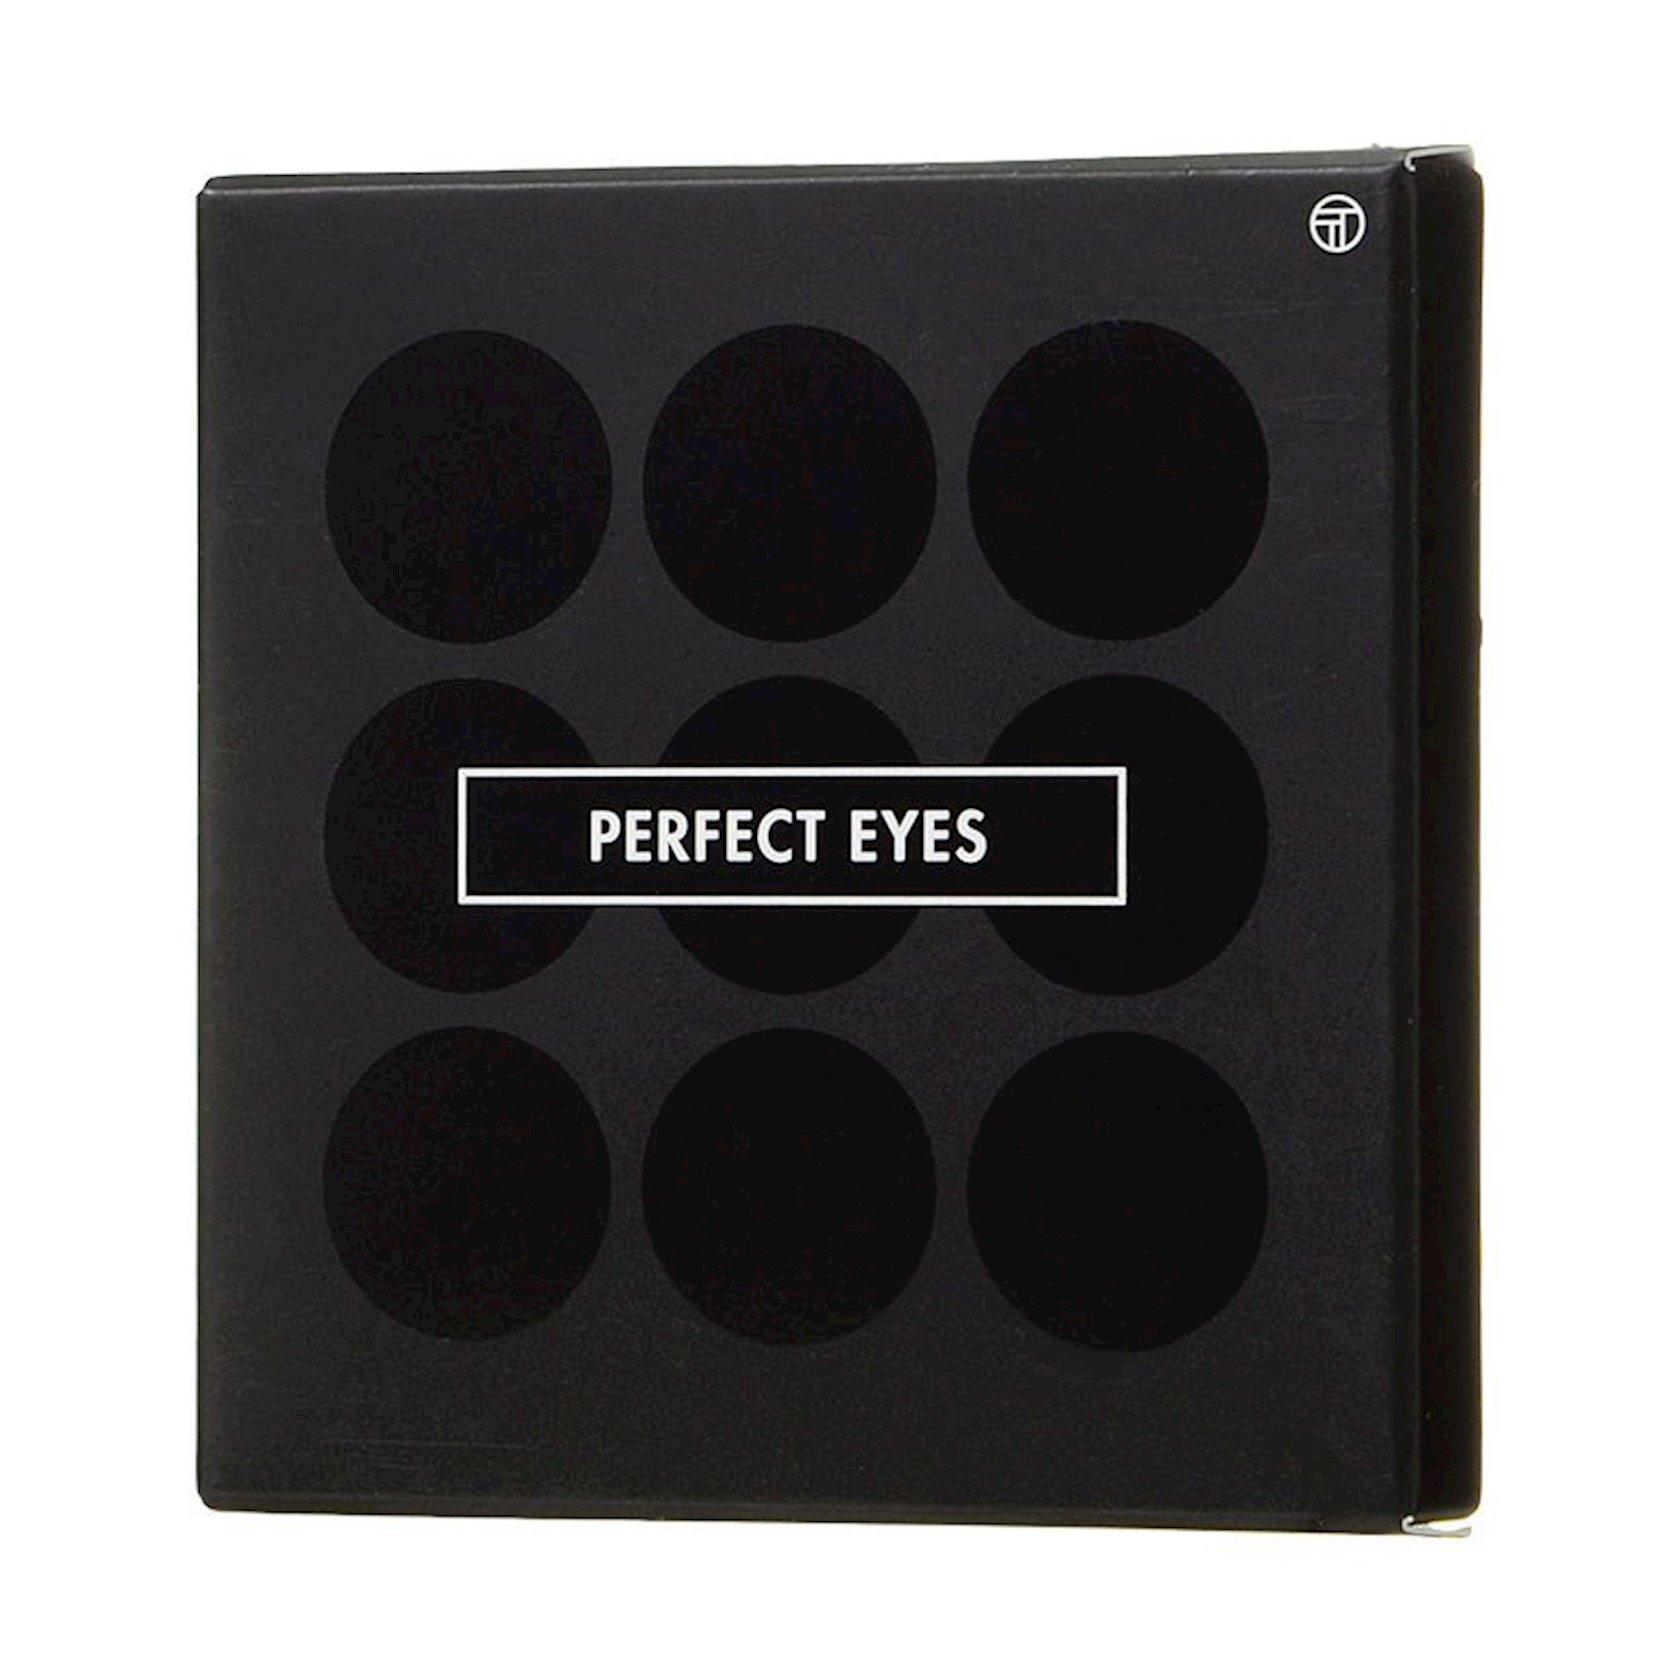 Göz kölgələri paleti Tony Moly Perfect Eyes Mood Eye Palette - 02 Burgundy Mood